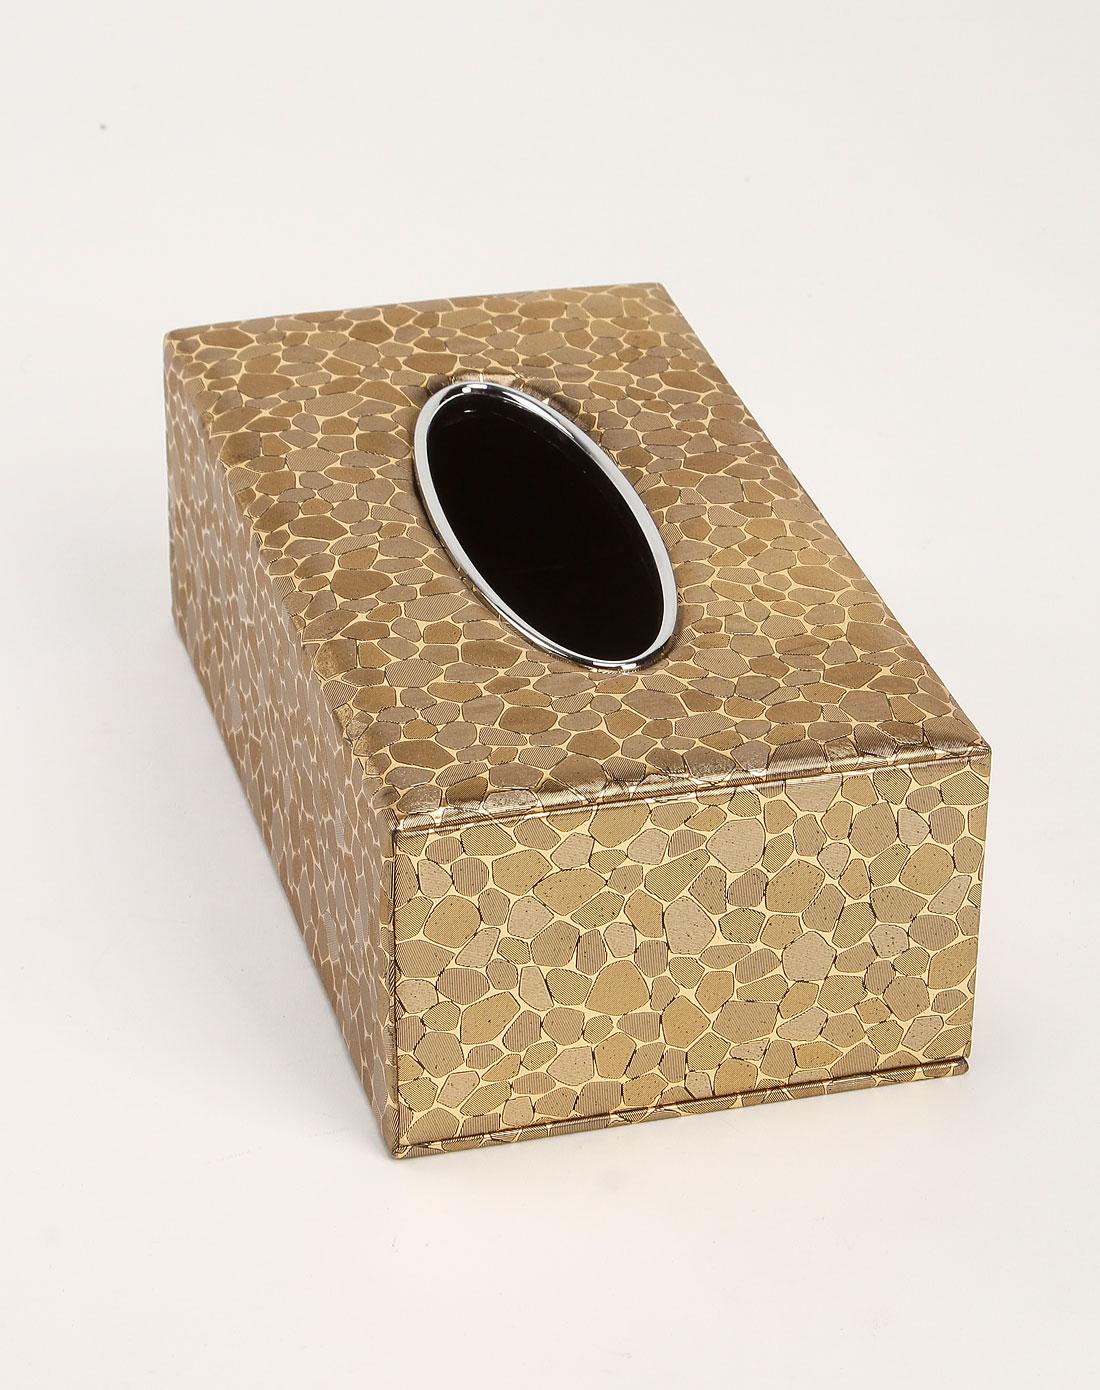 jm家居用品专场金色欧式高档仿皮革抽纸巾盒bh-2226